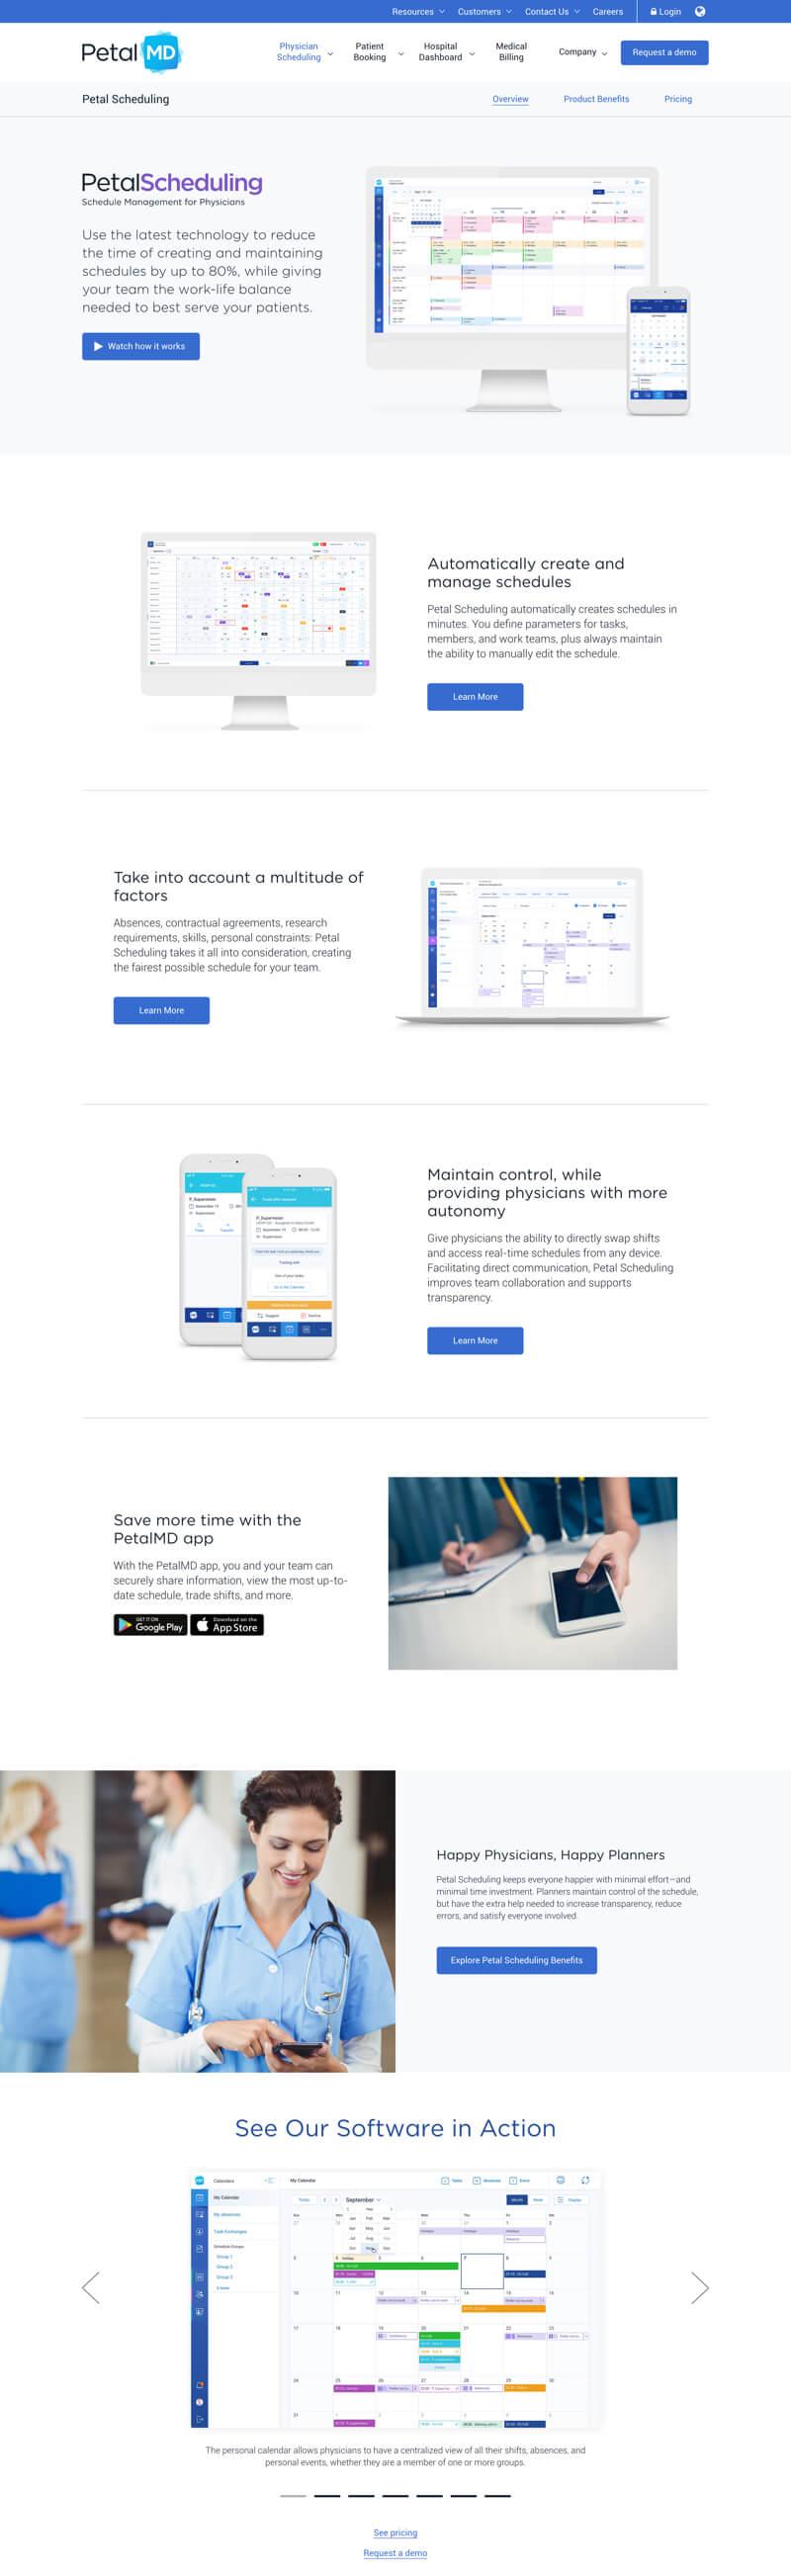 PetalMD web design ux